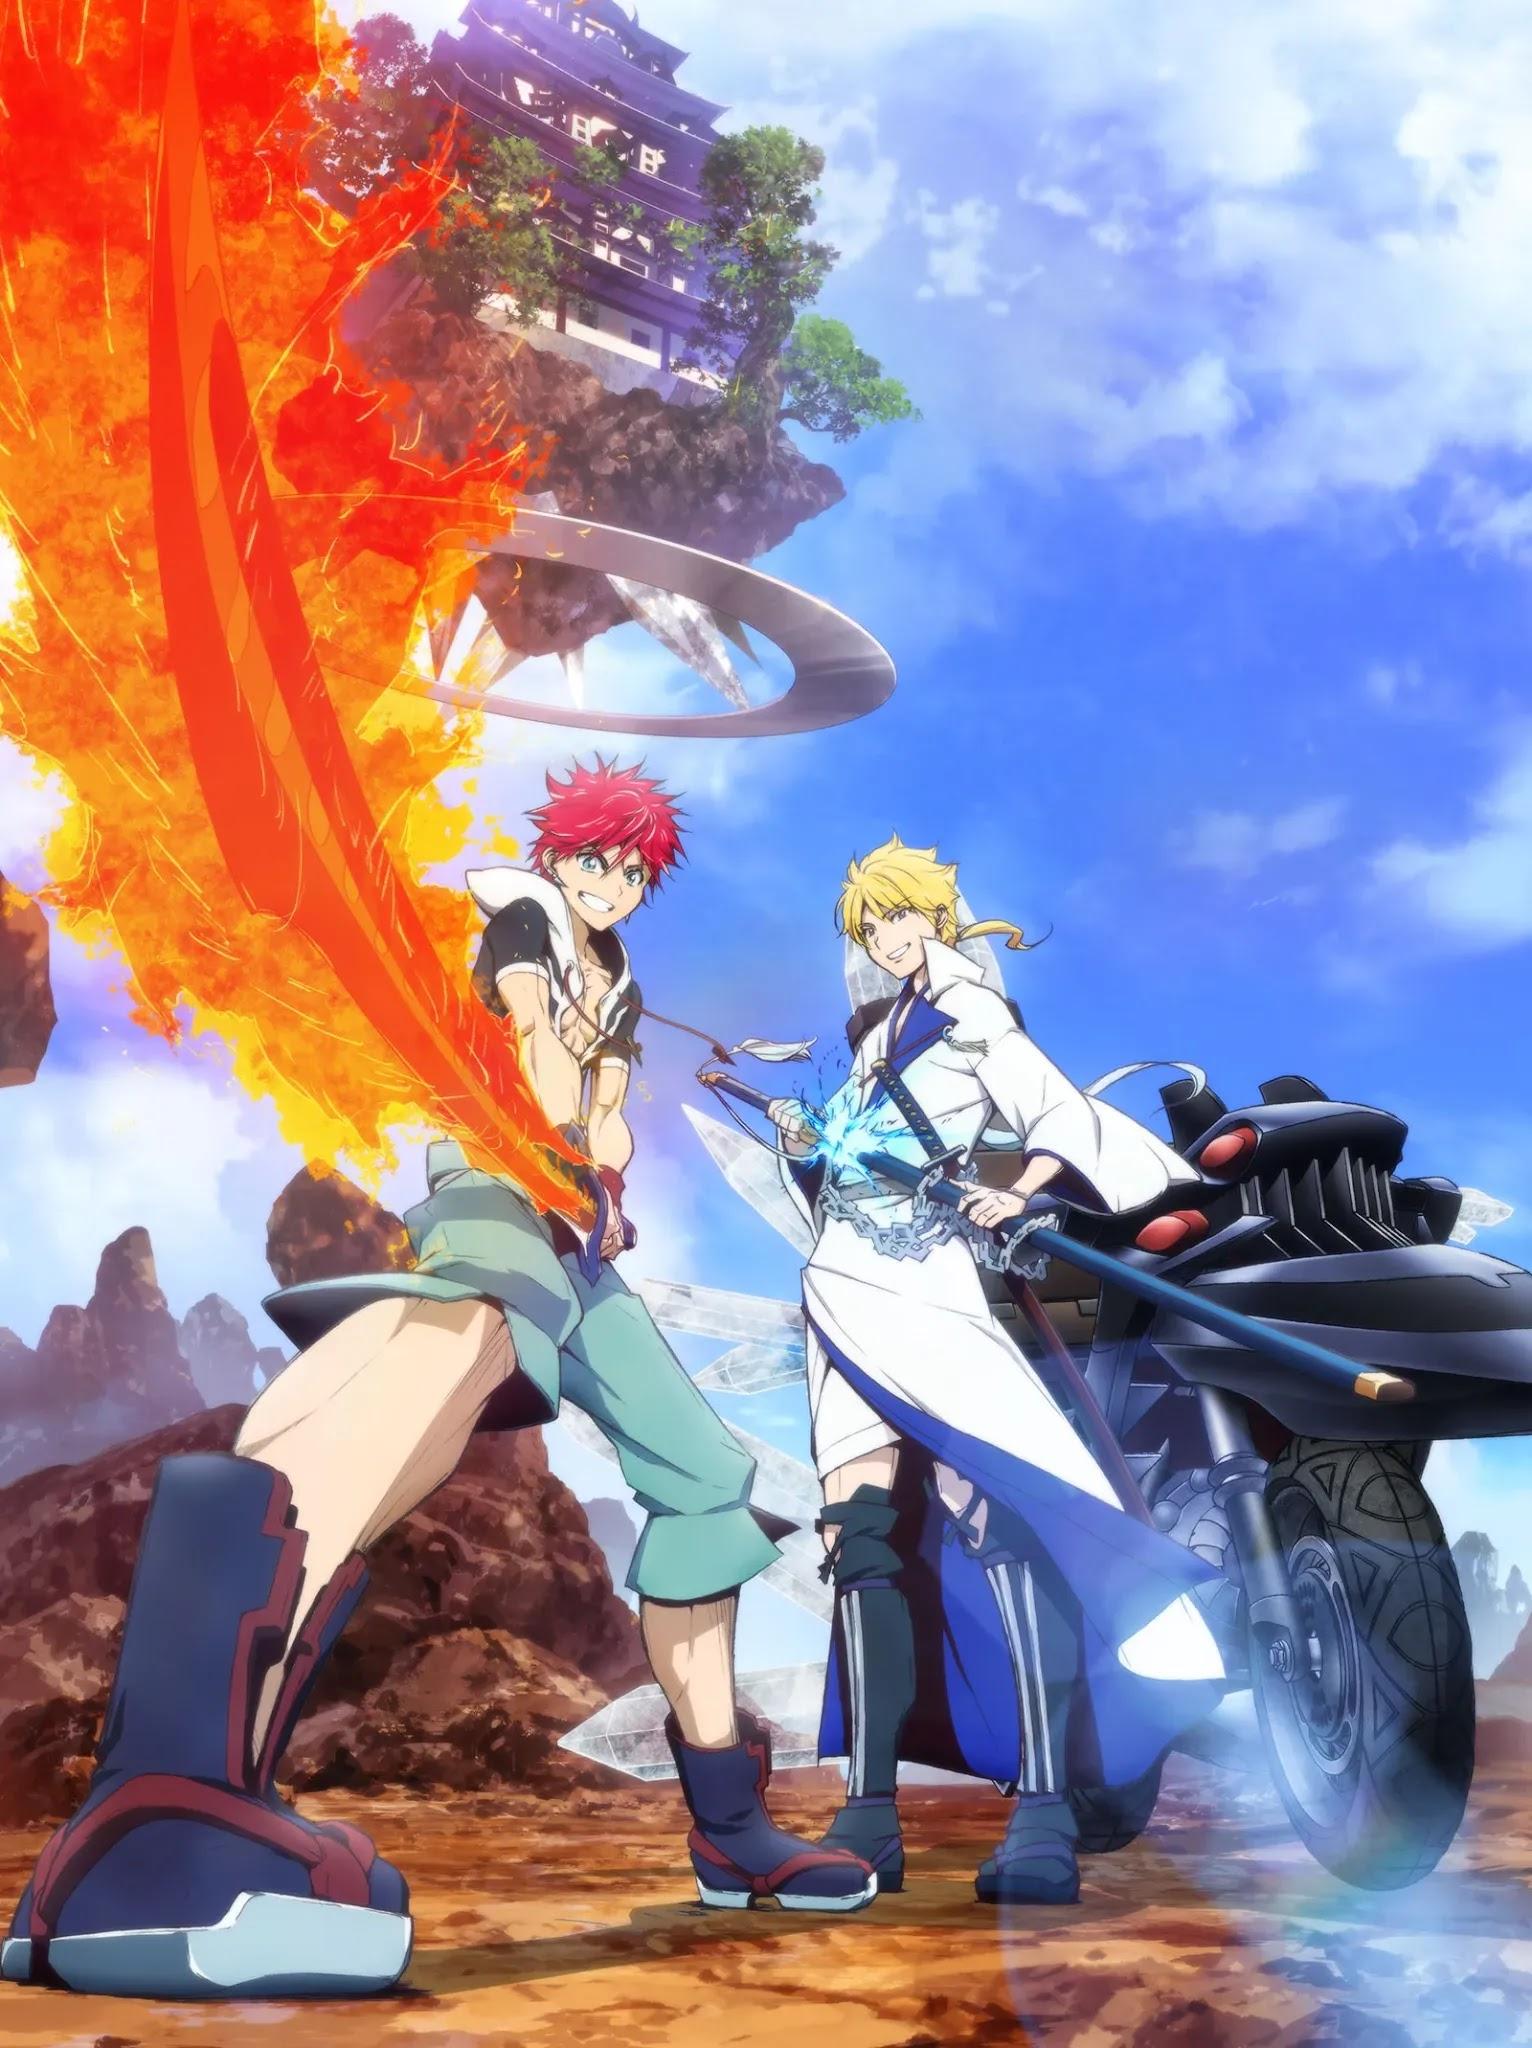 Novo trailer do Anime Orient é protagonizado por Musashi e Kojirou